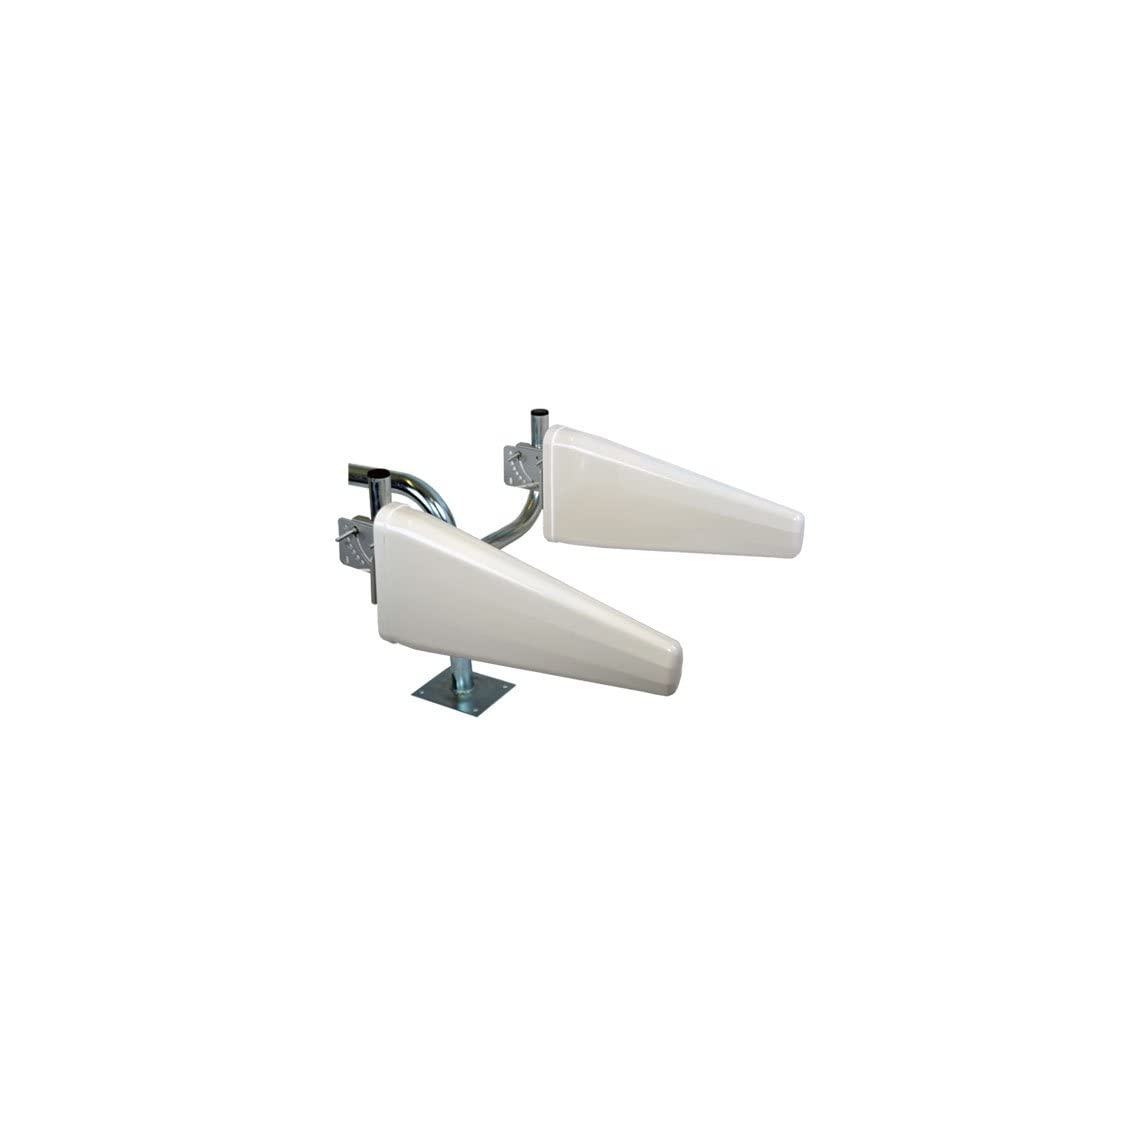 31l4dk27OJL. SS1140  - LTE Hochleistungs - LTE LOG Antenne (800MHz, 1800, 2600) 20dBi - inklusive 10Meter Twin-Antennenkabel - LTE MIMO Richtantenne zur Leistungssteigerung Ihres LTE Signals - passend für Telekom Speedport LTE & LTE II, Vodafone B1000 & B2000, EasyBox 904, Vodafone LTE-Modem, LTE-Turbobox LG FM300, O2 LTE Router, Huawei B390, B593, DD800...